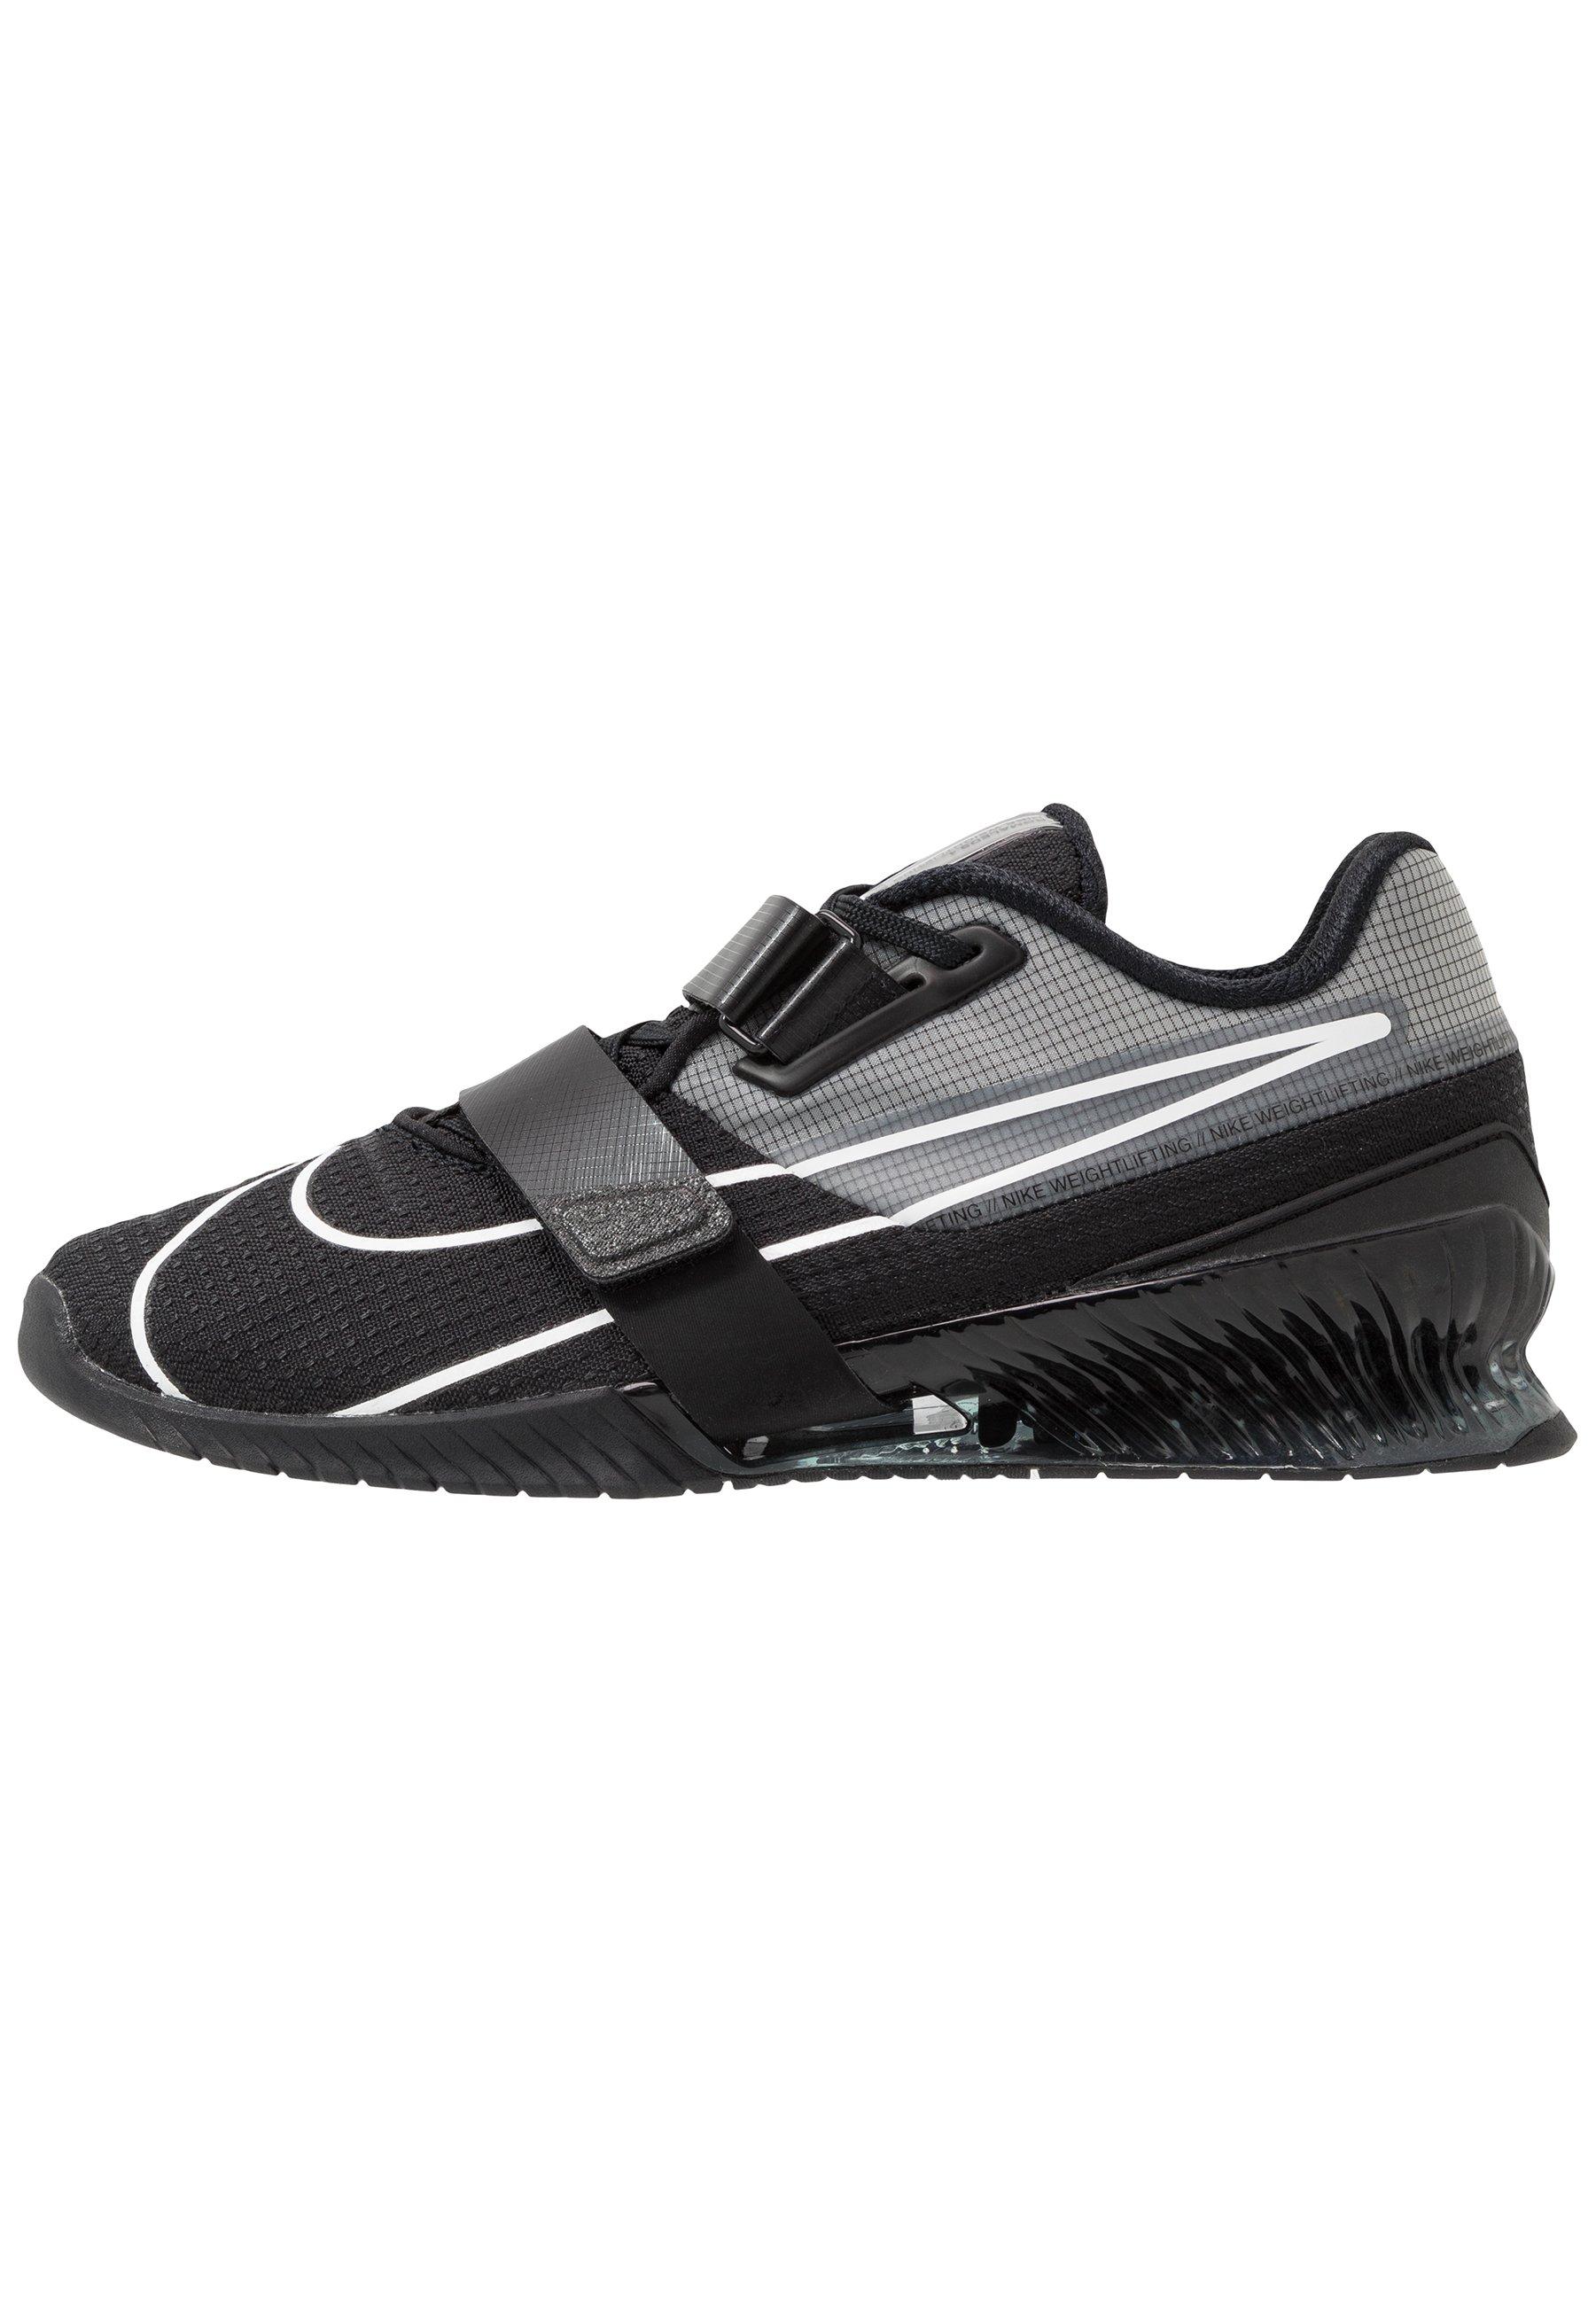 Homme ROMALEOS UNISEX - Chaussures d'entraînement et de fitness